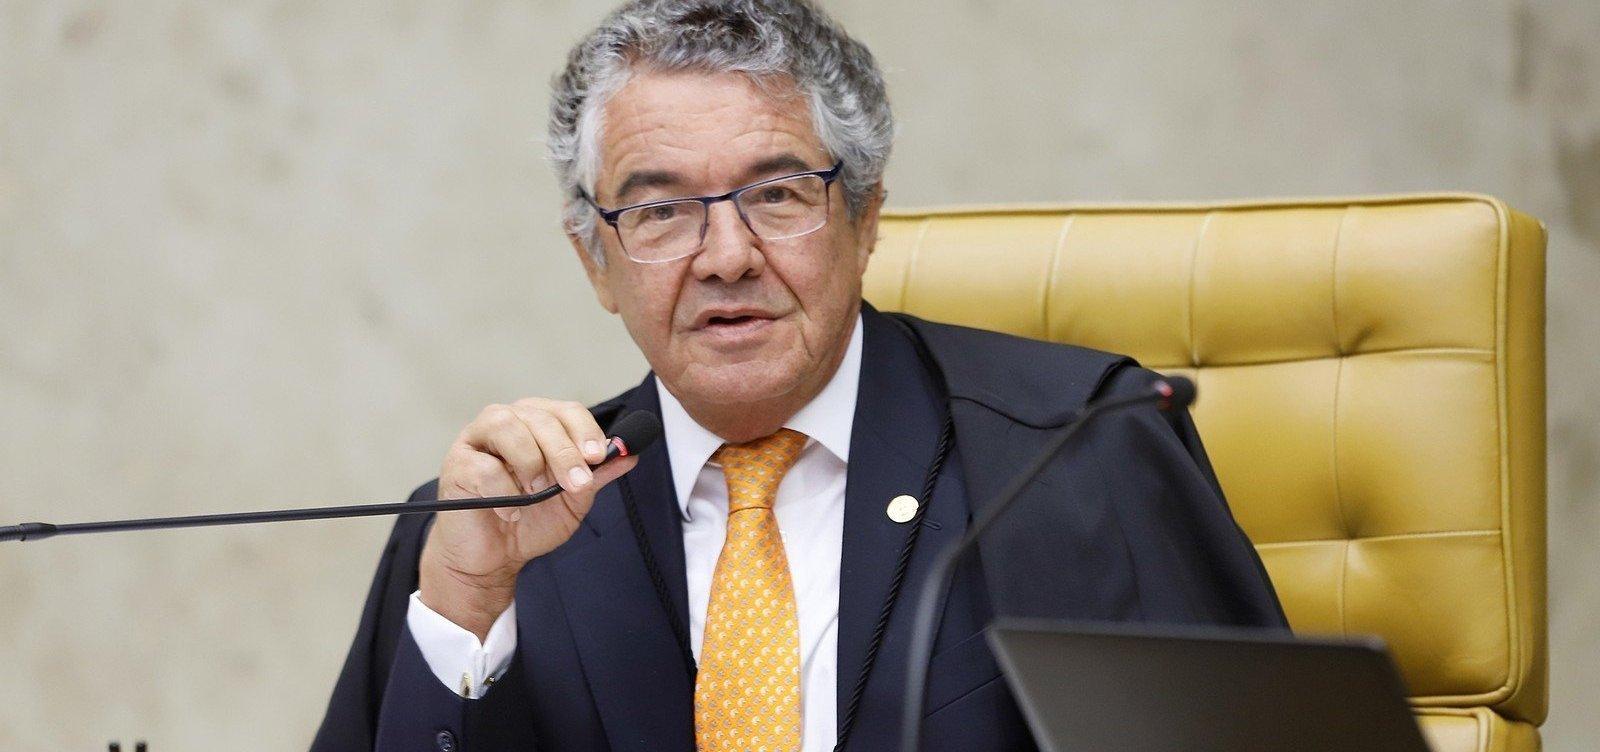 [Decisão de Fux de mandar chefe do PCC para prisão 'adentra hipocrisia', diz Marco Aurélio]